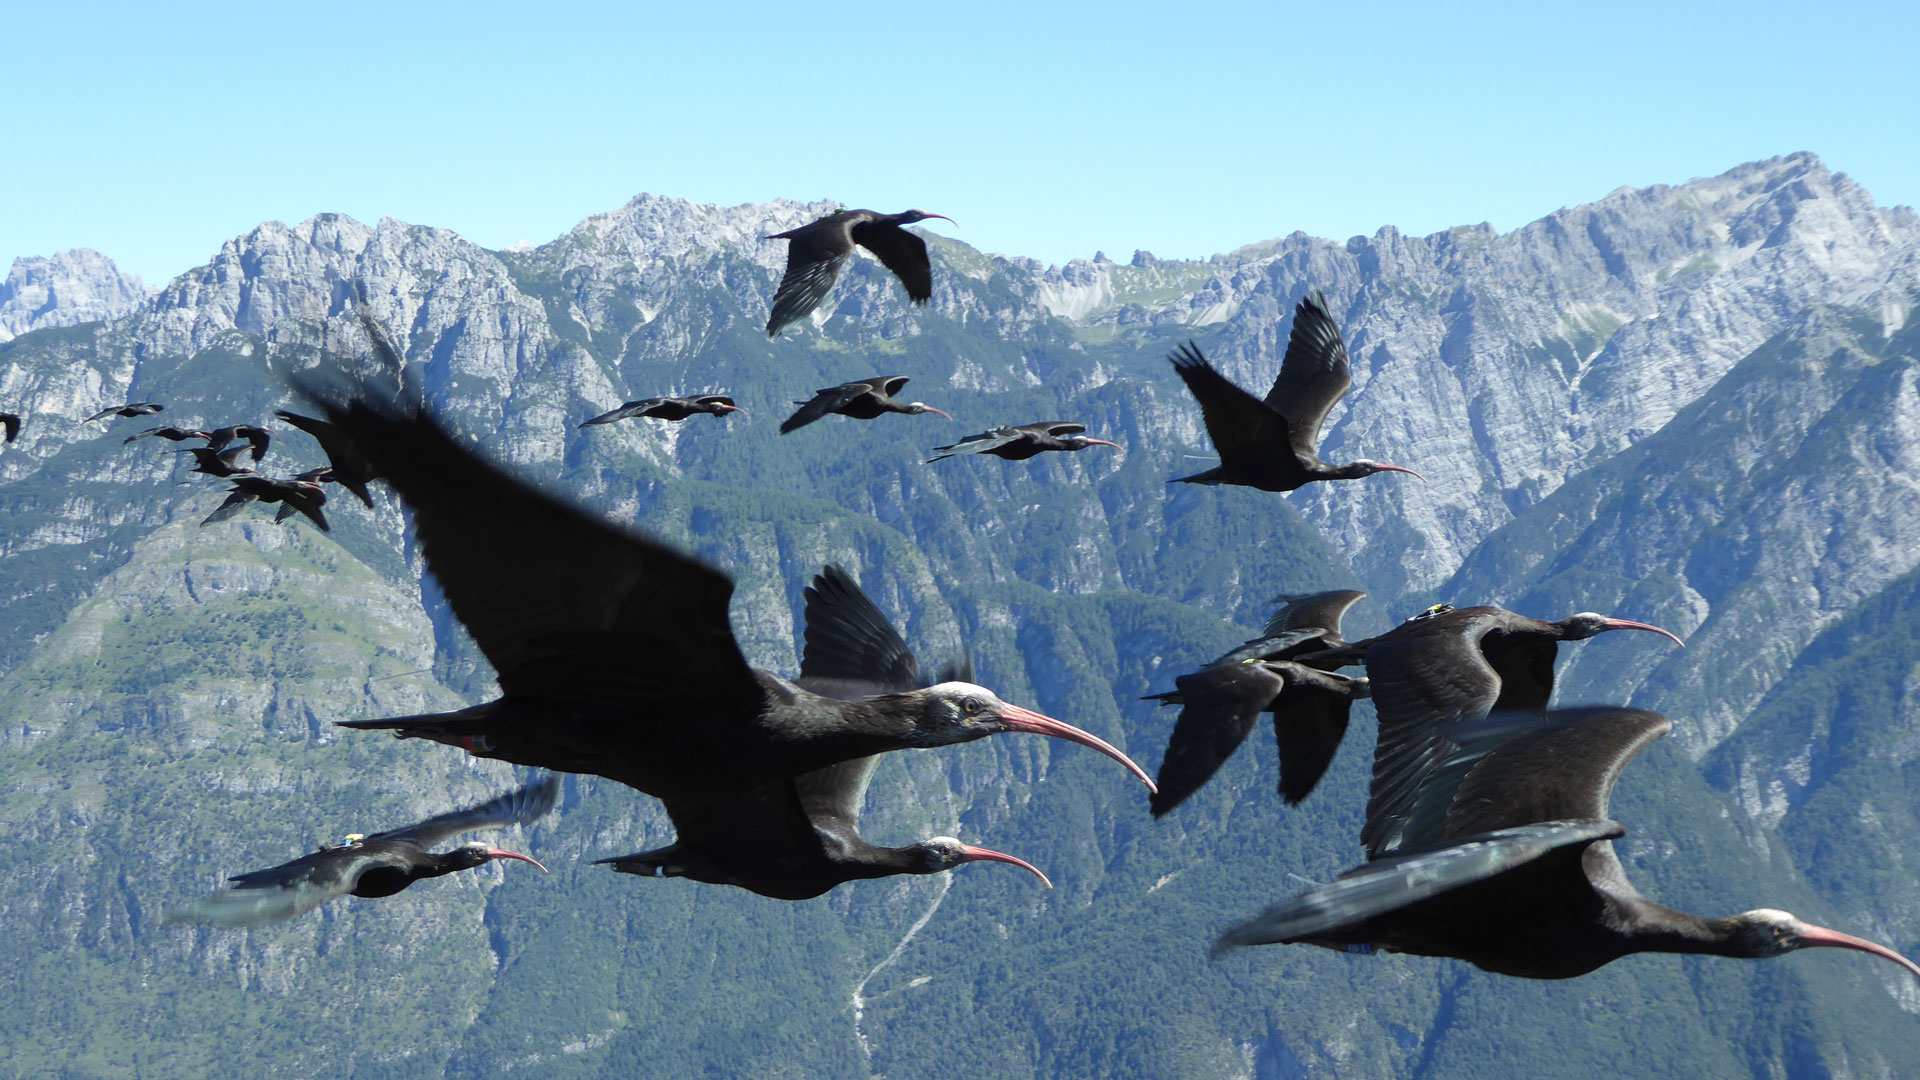 Inzwischen gibt es schon ungefähr 100 Waldrappe, die selbstständig über die Alpen ziehen. © Waldrappteam / LIFE Northern Bald Ibis